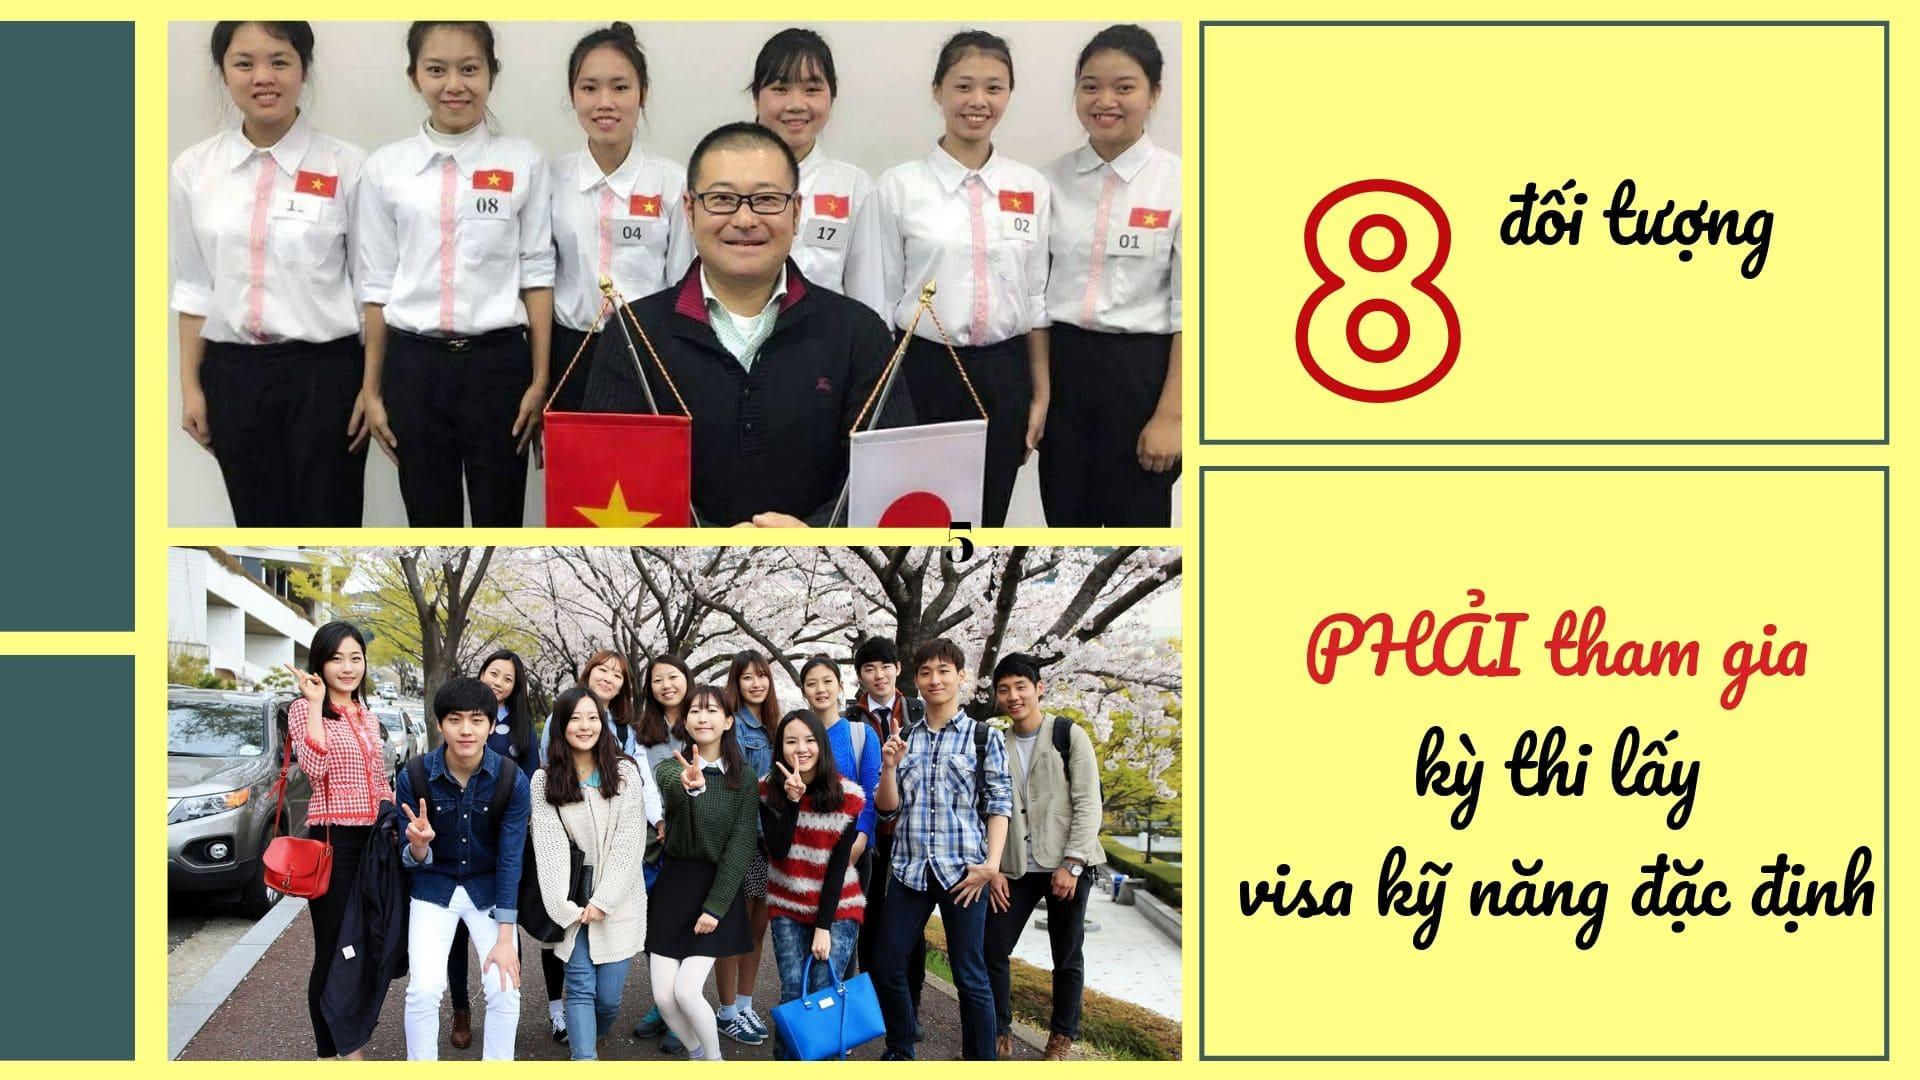 8 đối tượng PHẢI tham gia kỳ thi lấy visa kỹ năng đặc định